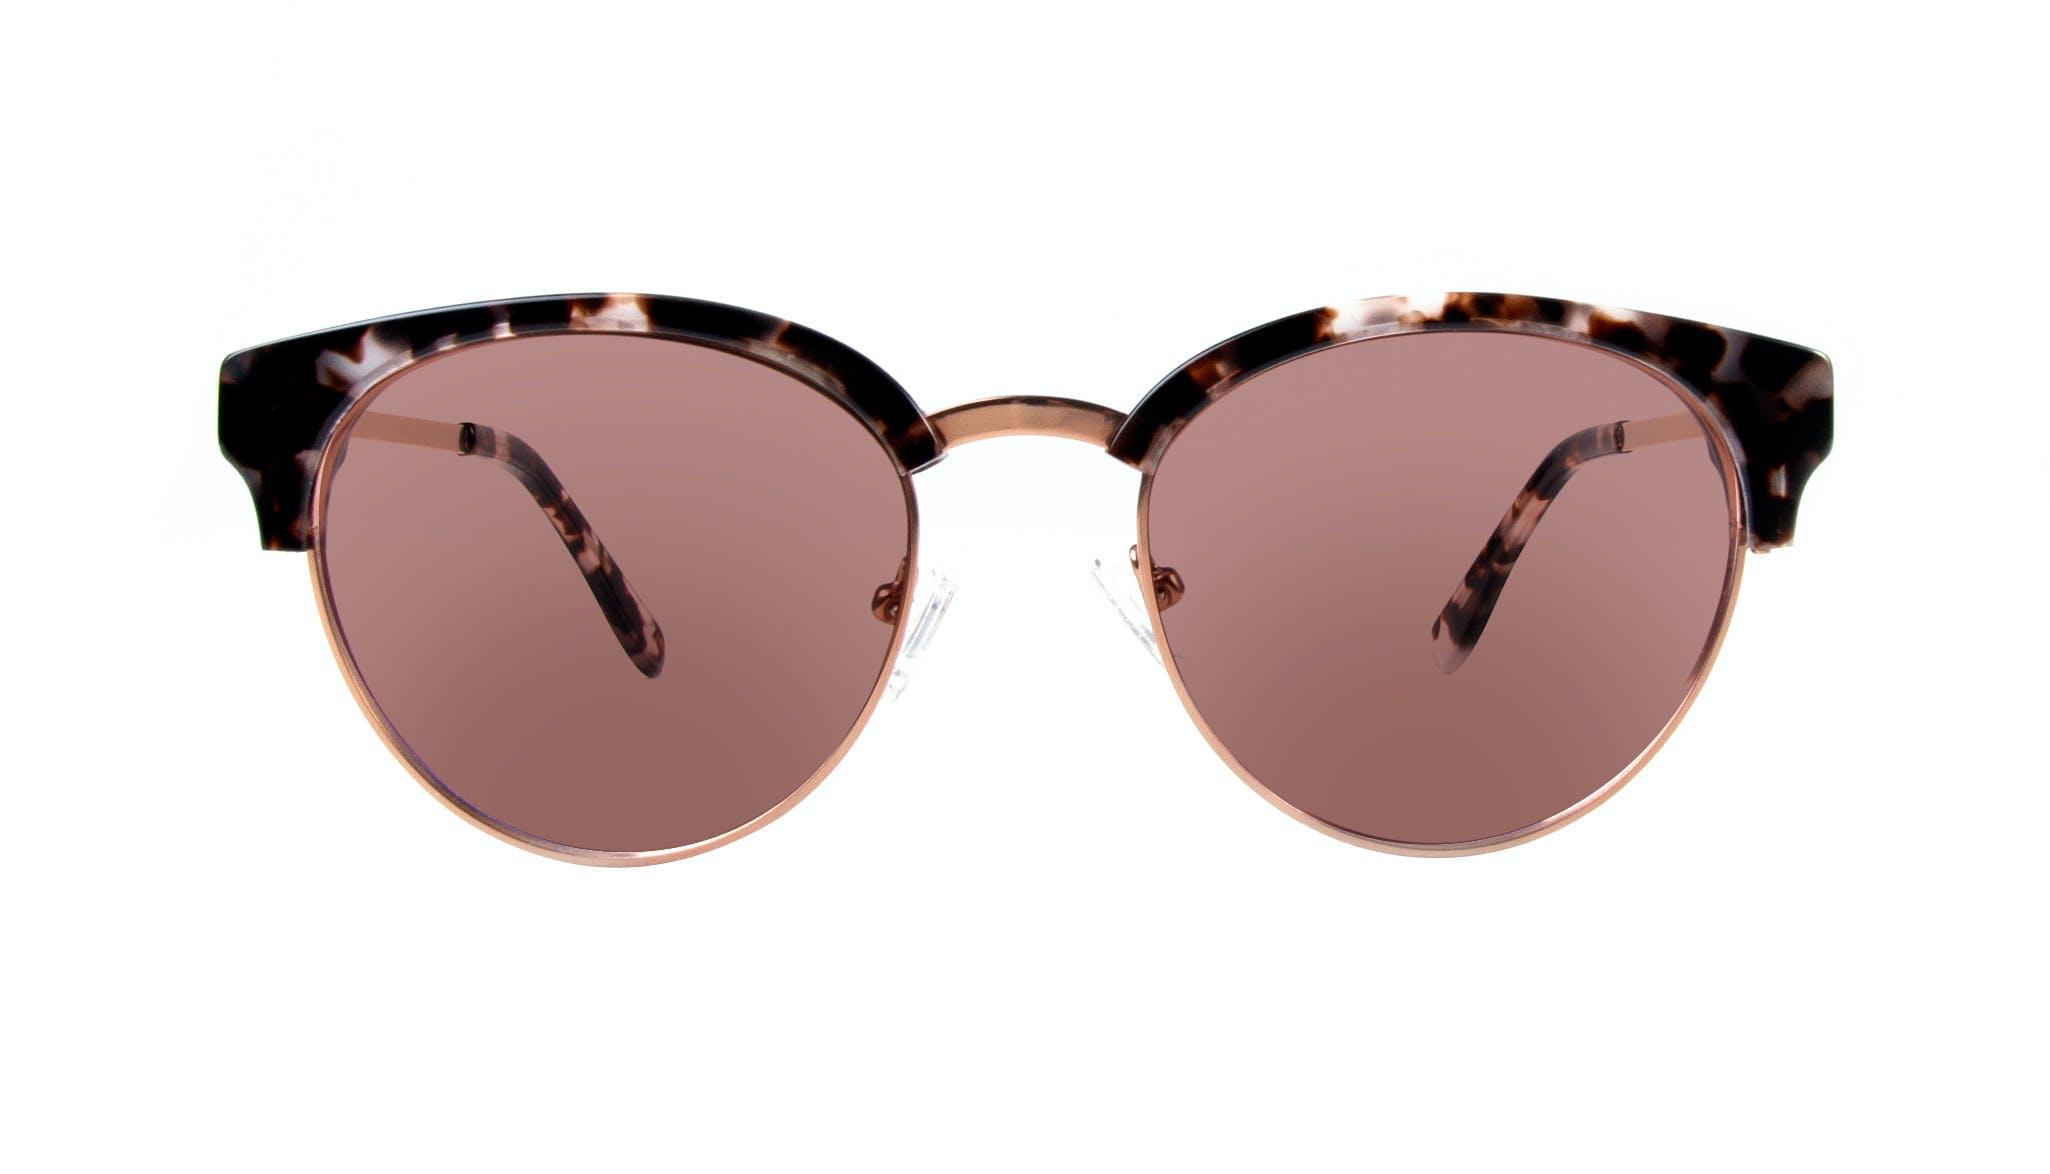 Affordable Fashion Glasses Round Sunglasses Women Allure Mocha Tortoise